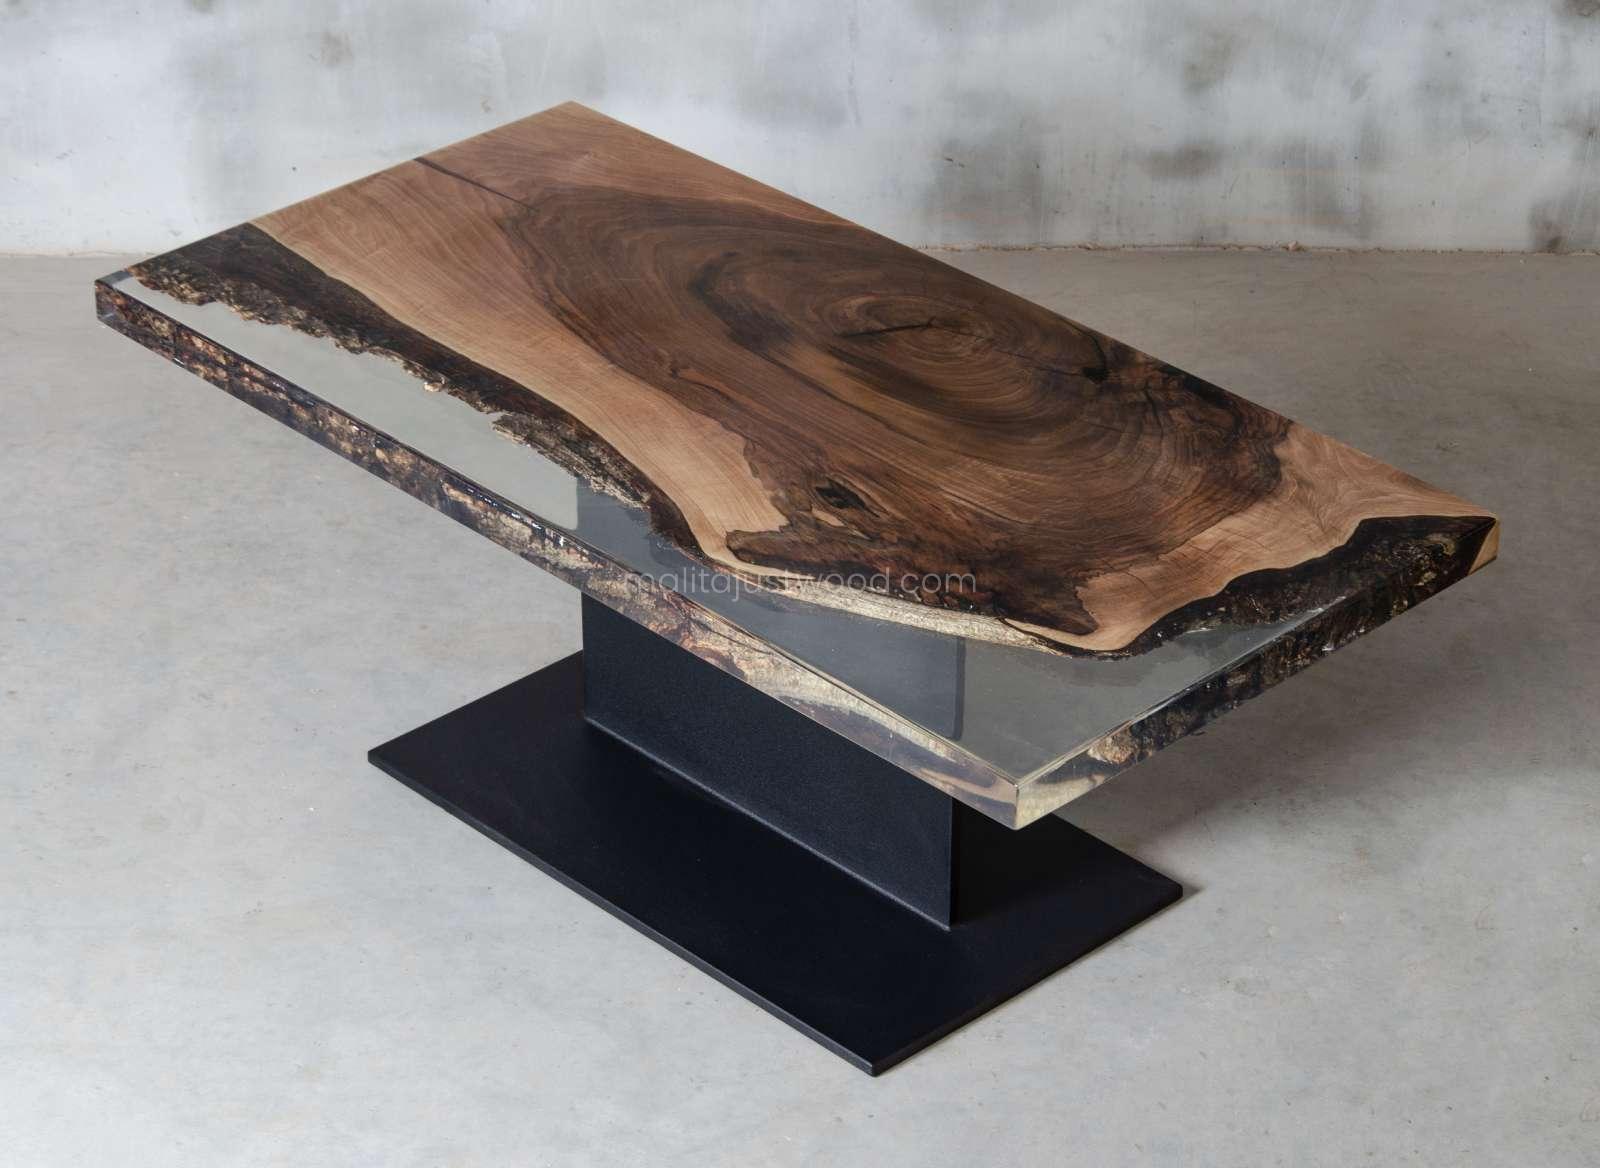 Luxus Couchtisch Sublimis aus Harz und Holz